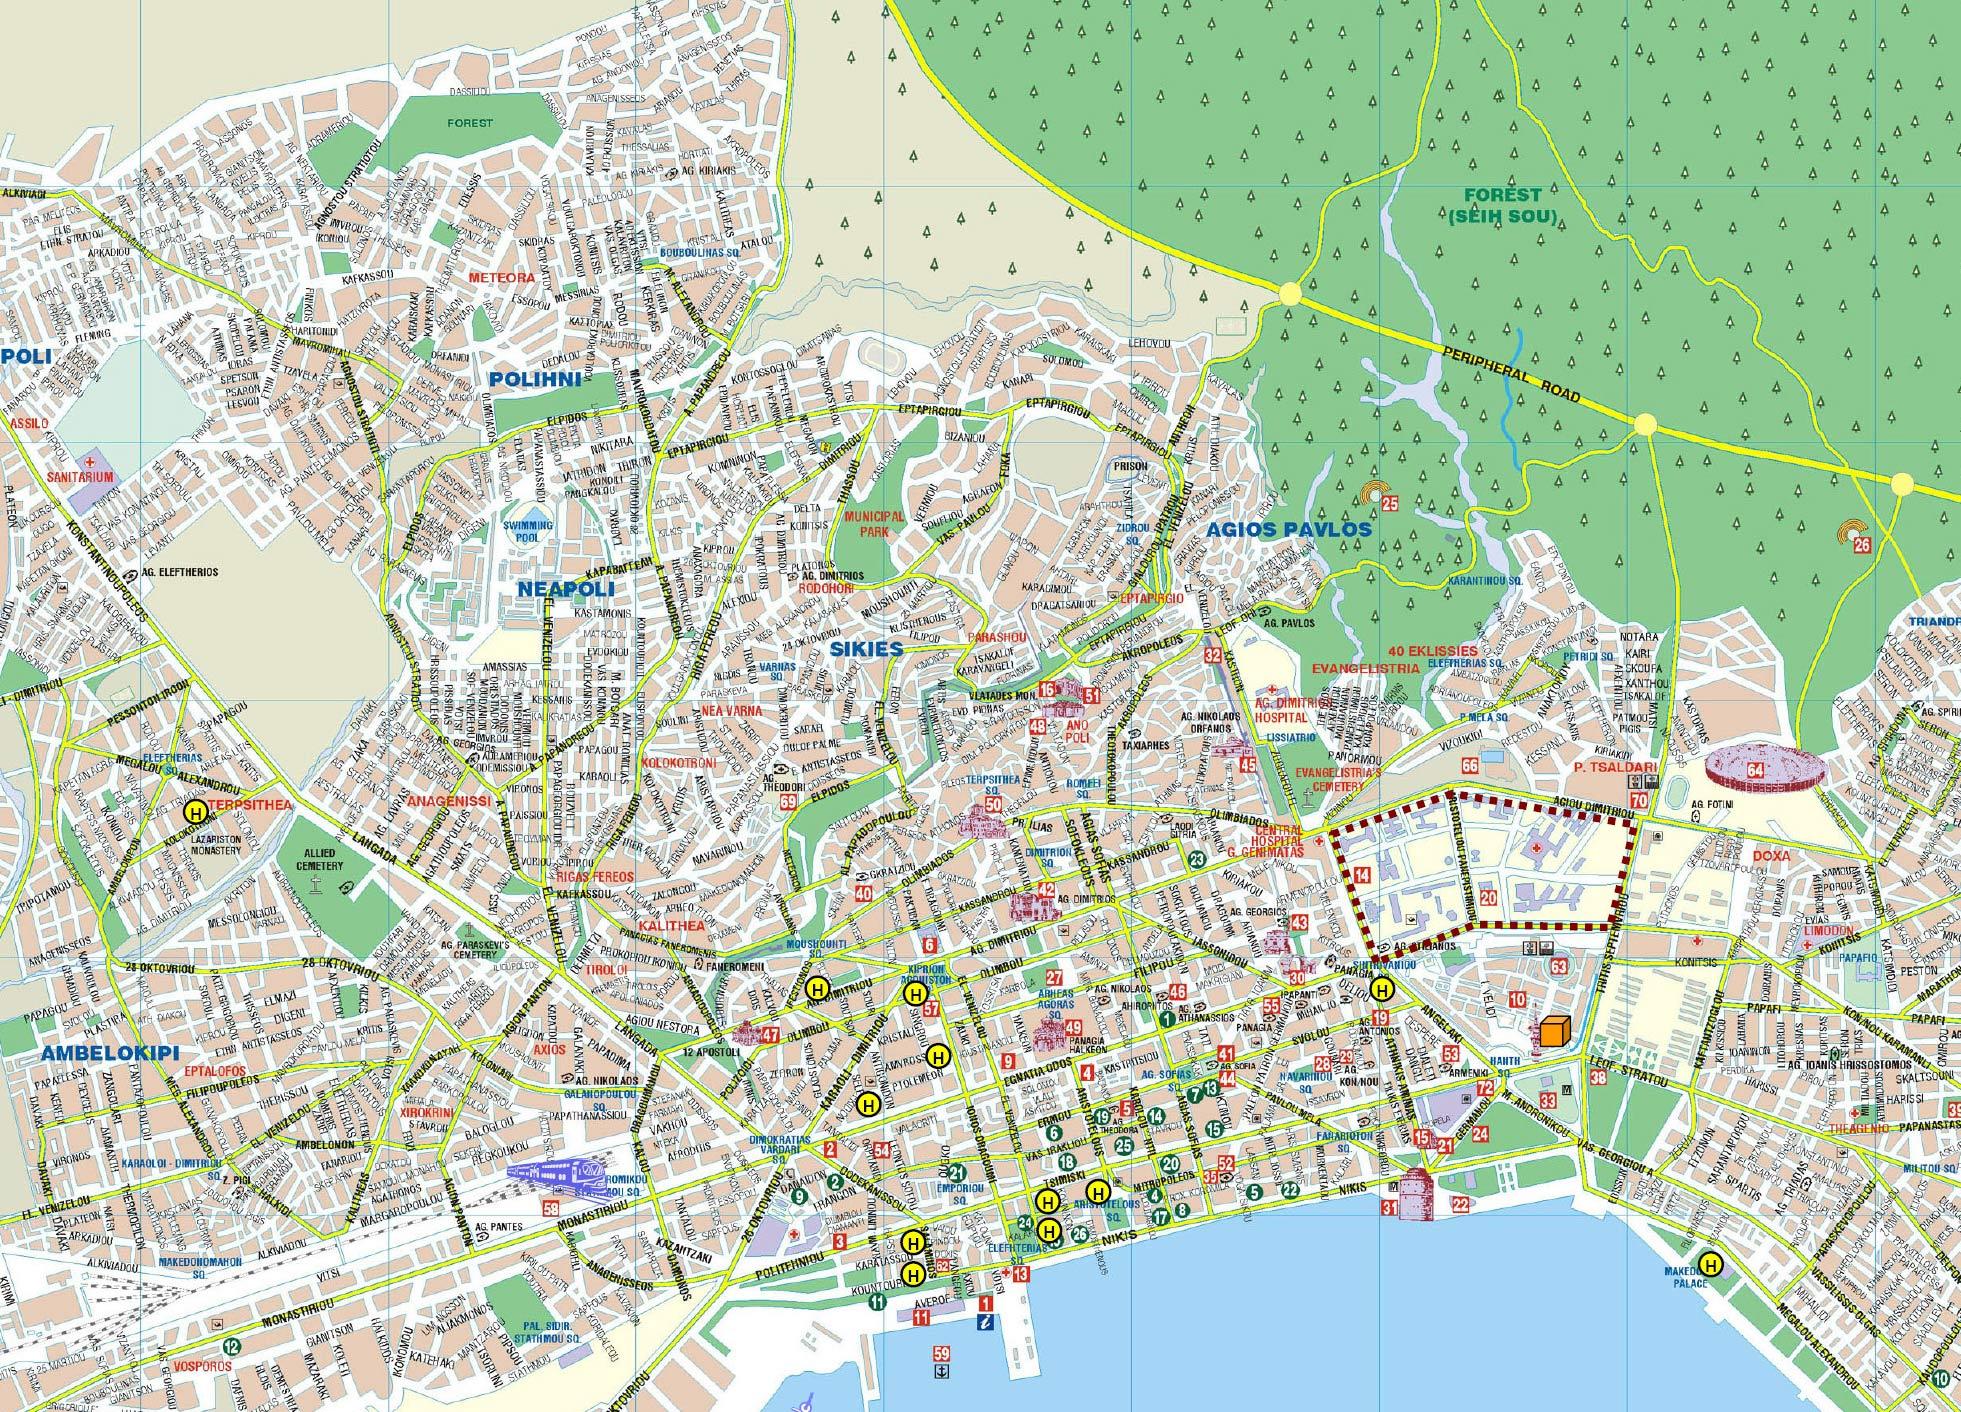 Mapa Monumentos Thessalonikis Grécia 1